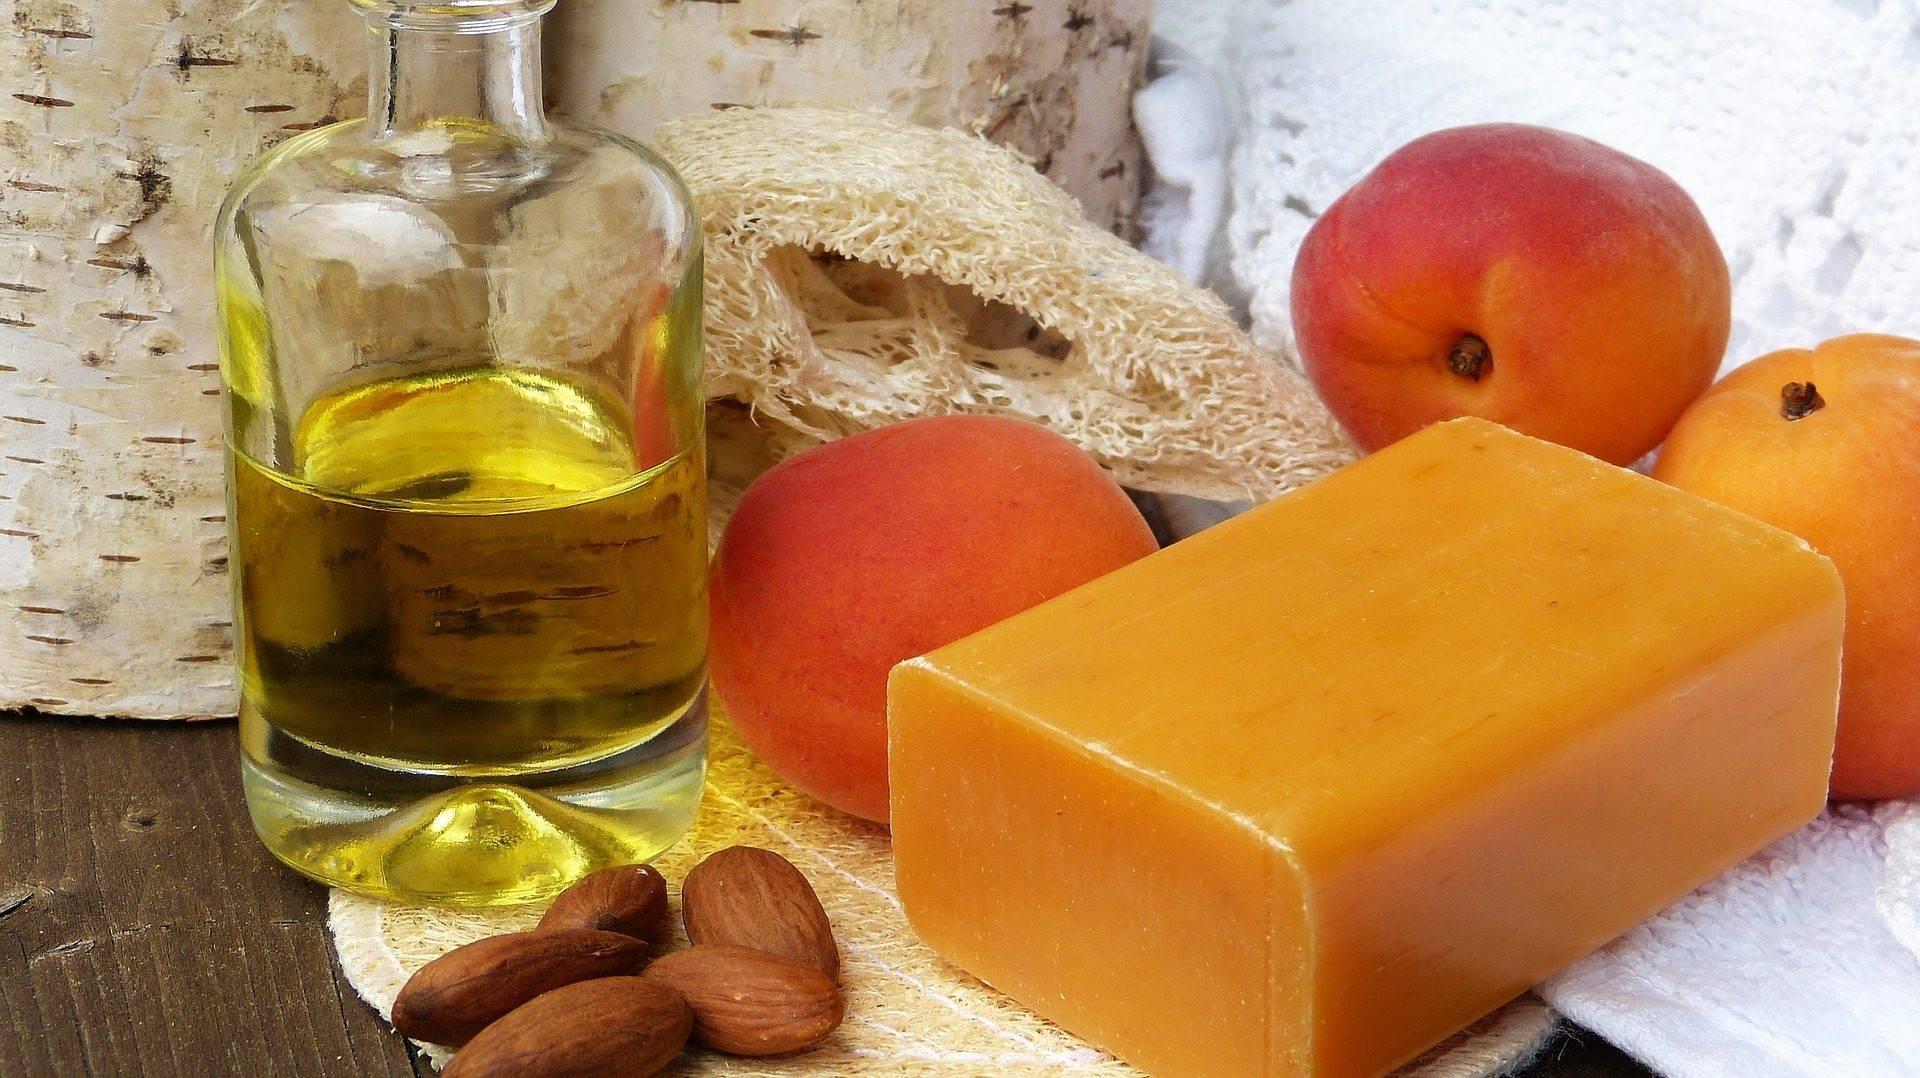 Хозяйственное мыло лечебные свойства при насморке